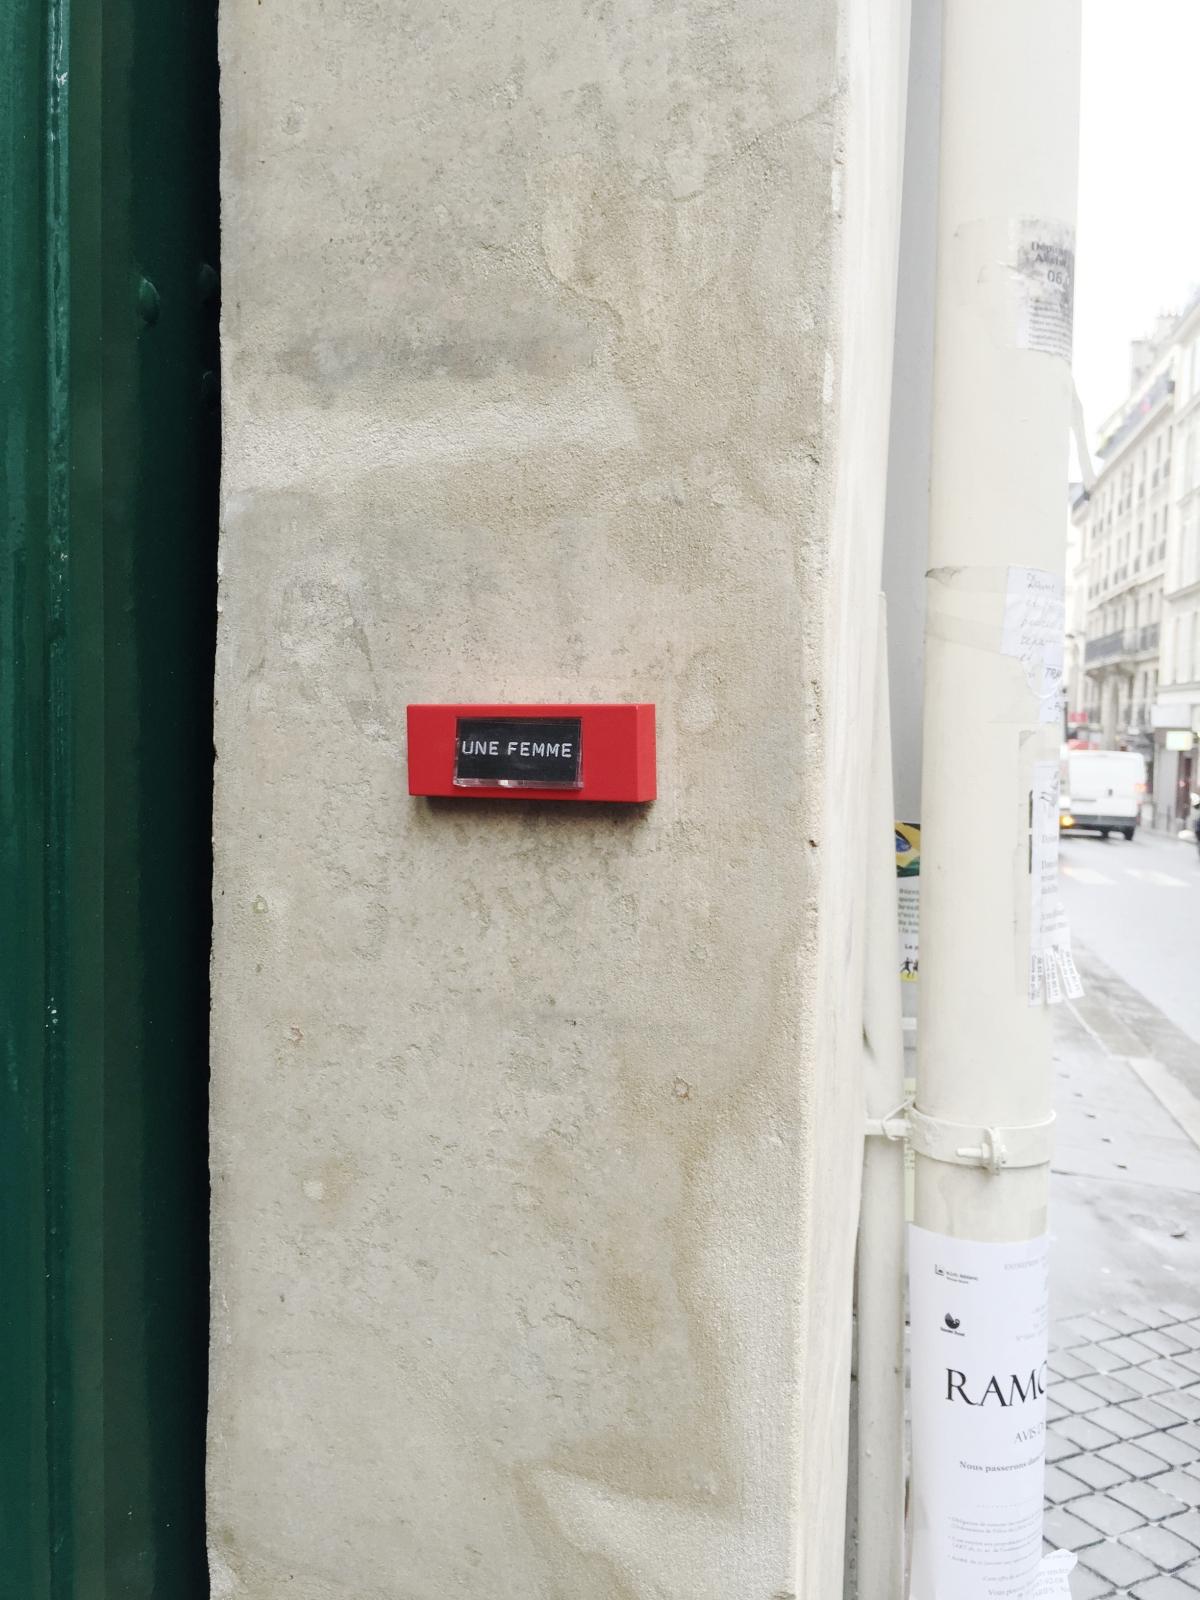 Une femme- Paris 9ème arrondissement - 2014 - Le Sonneur